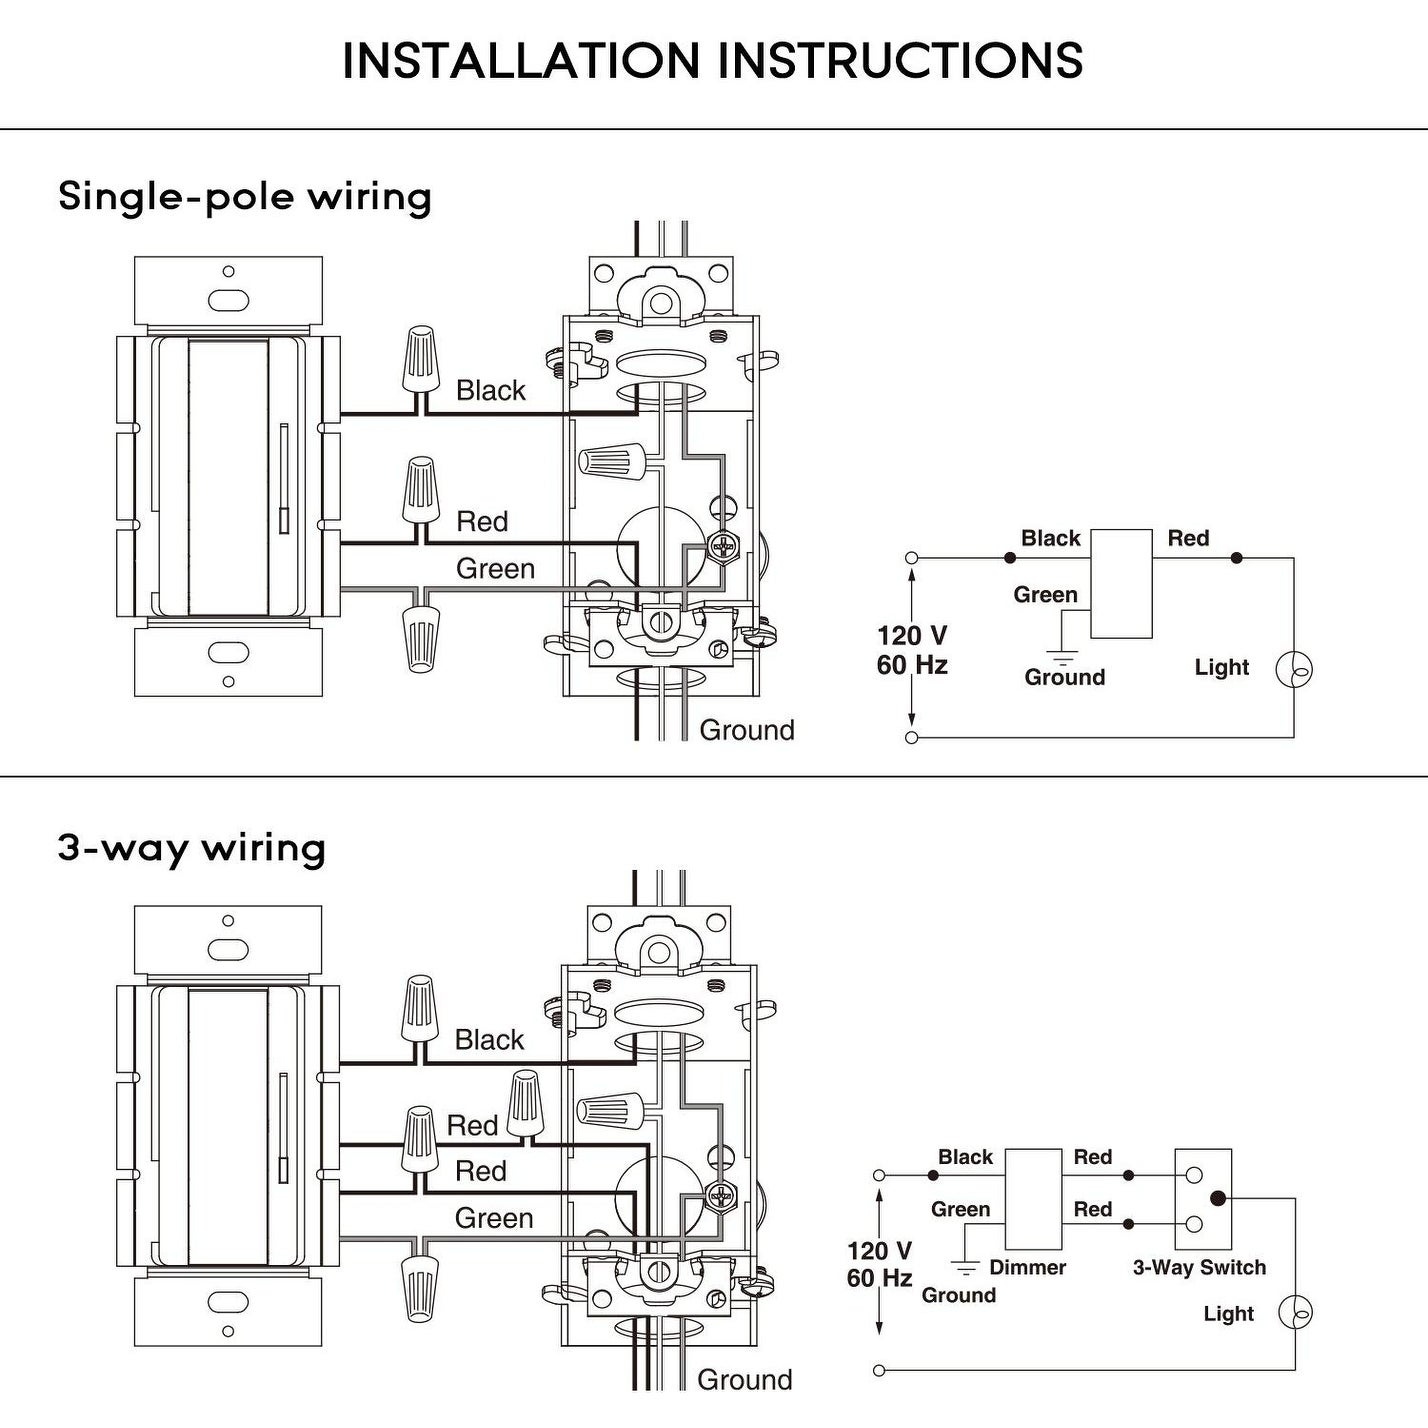 3 Way Switch Single Pole Wiring Diagram from ak1.ostkcdn.com